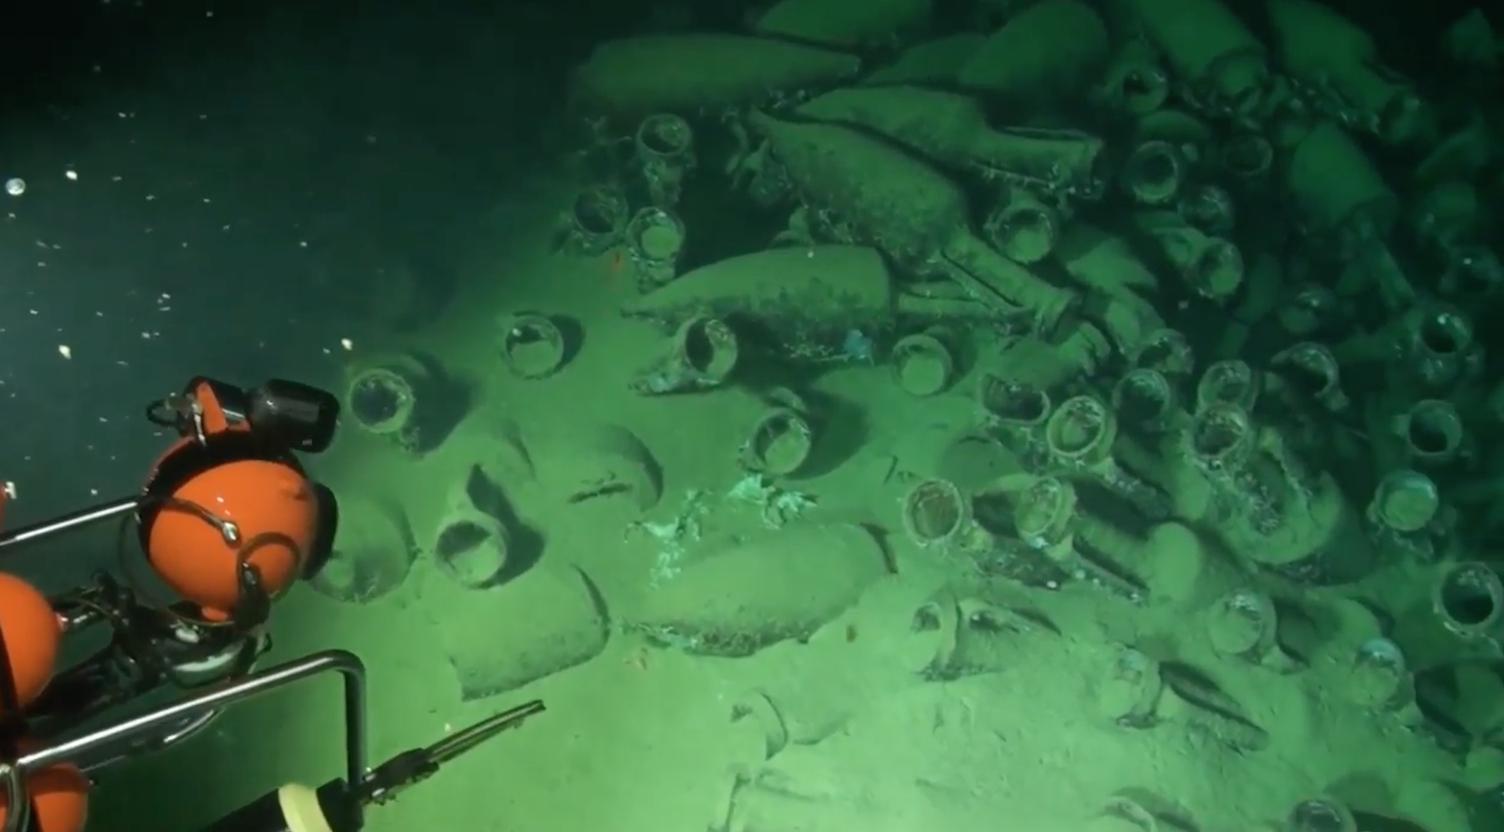 Robot archeologi. Straordinarie scoperte romane nelle acque dell'isola di Pianosa